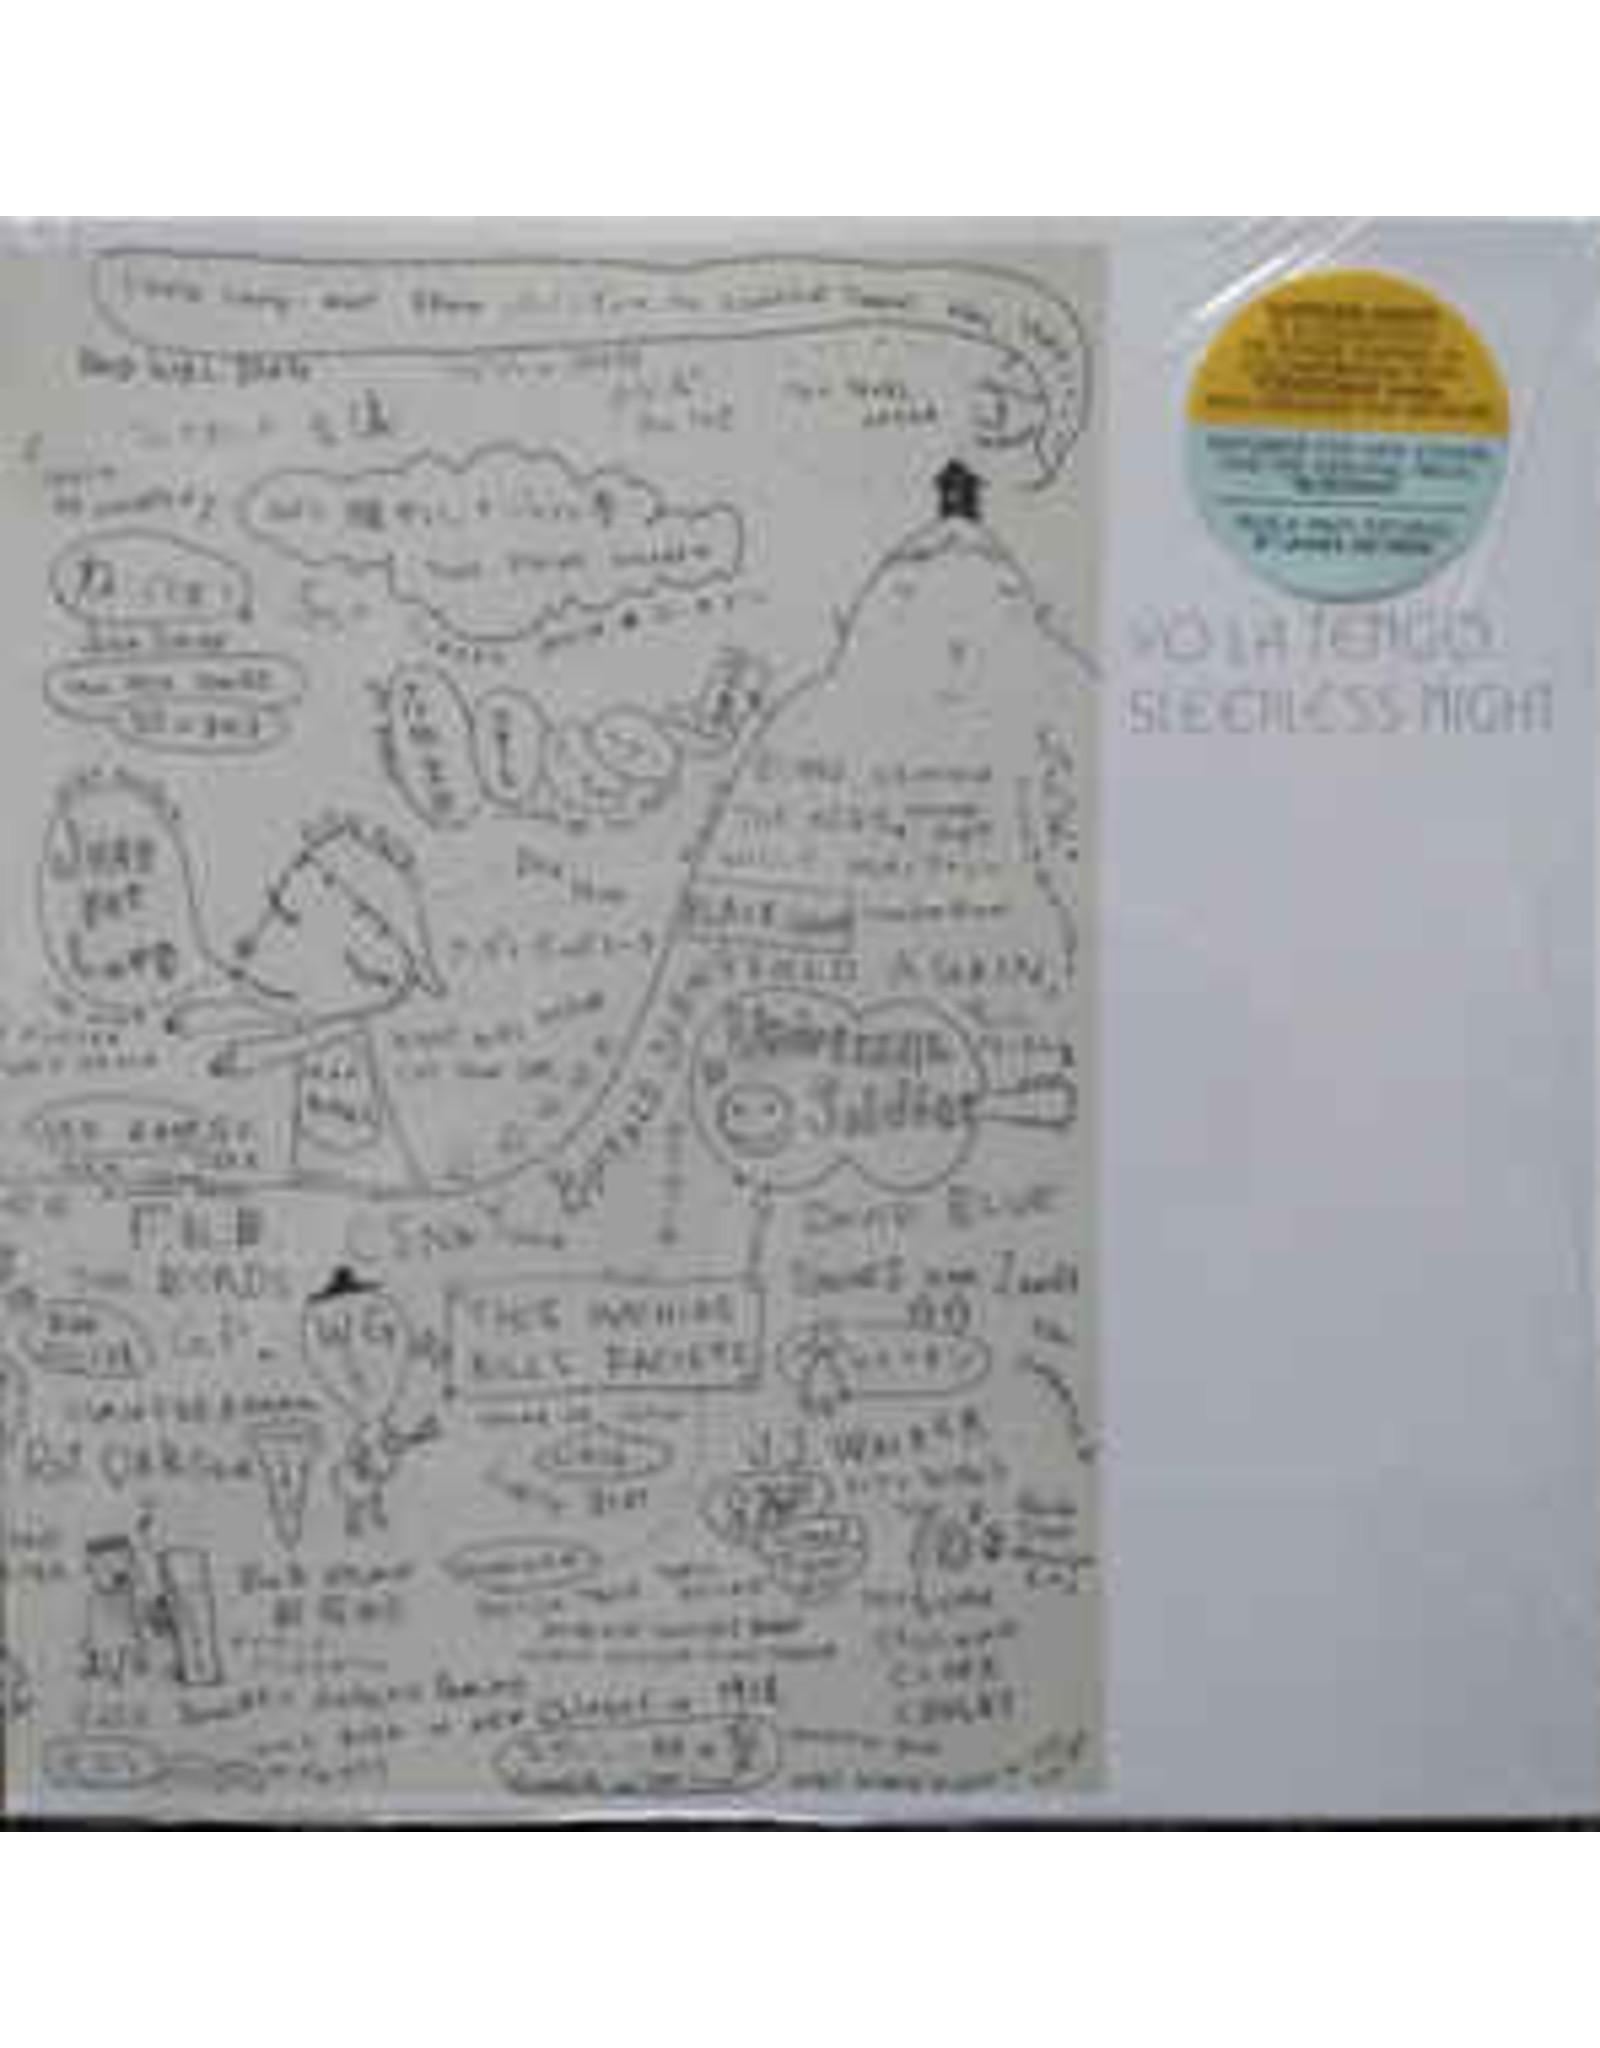 Yo La Tengo - Sleepless Night 12'' EP